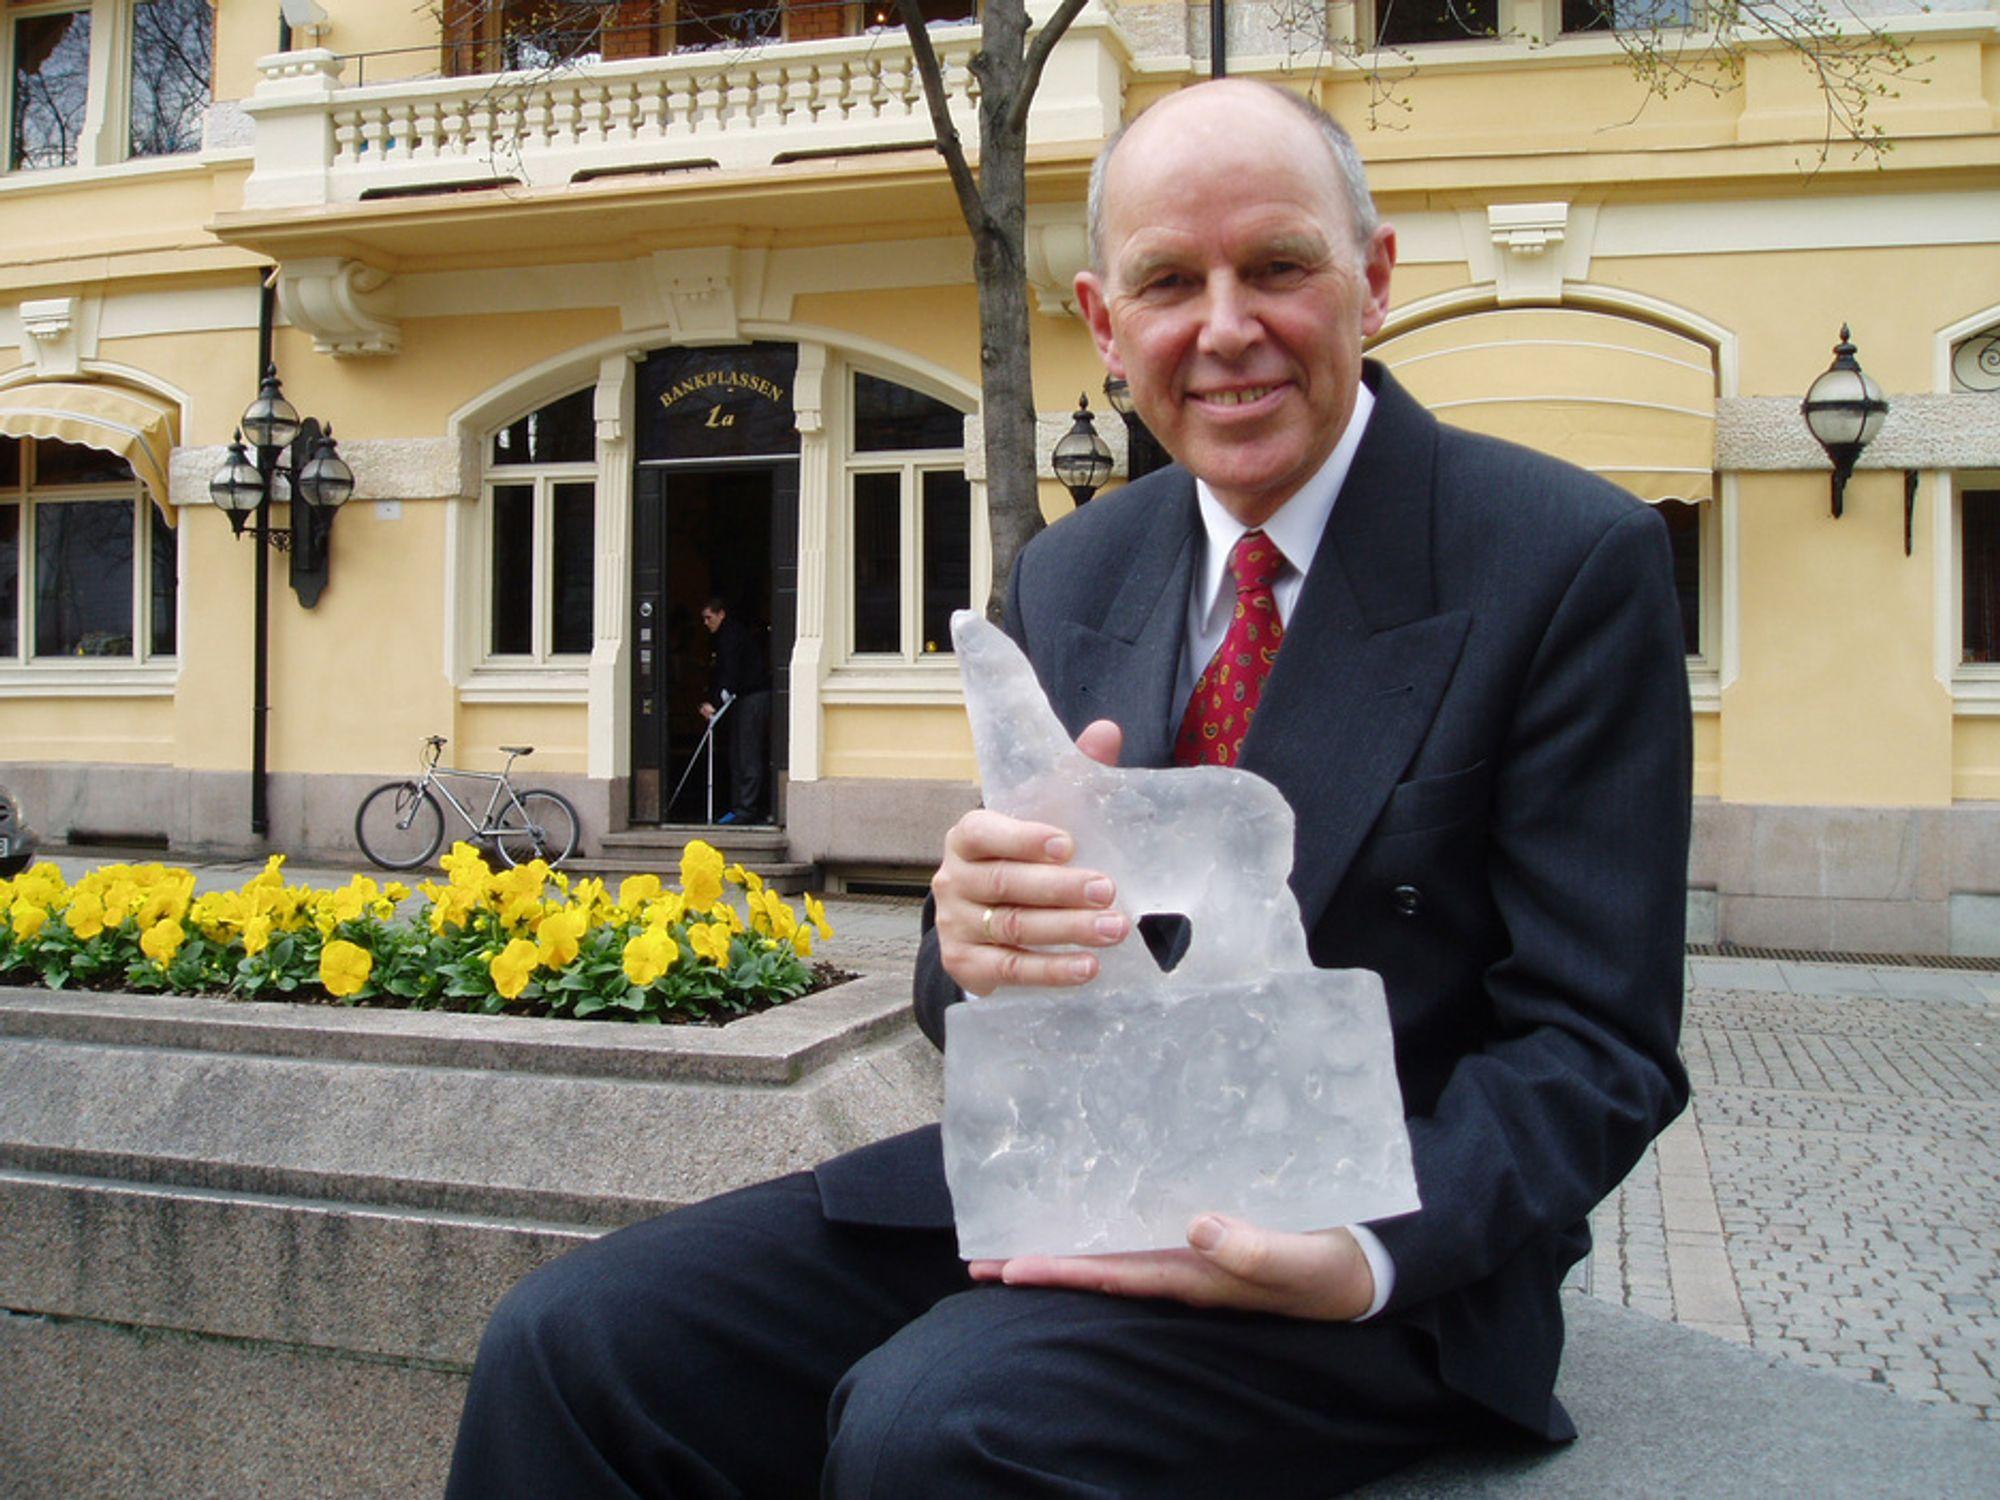 PRISET: Alf Bjørseth med Glassbjørnen, hedersprisen fra miljøstiftelsen Grip.